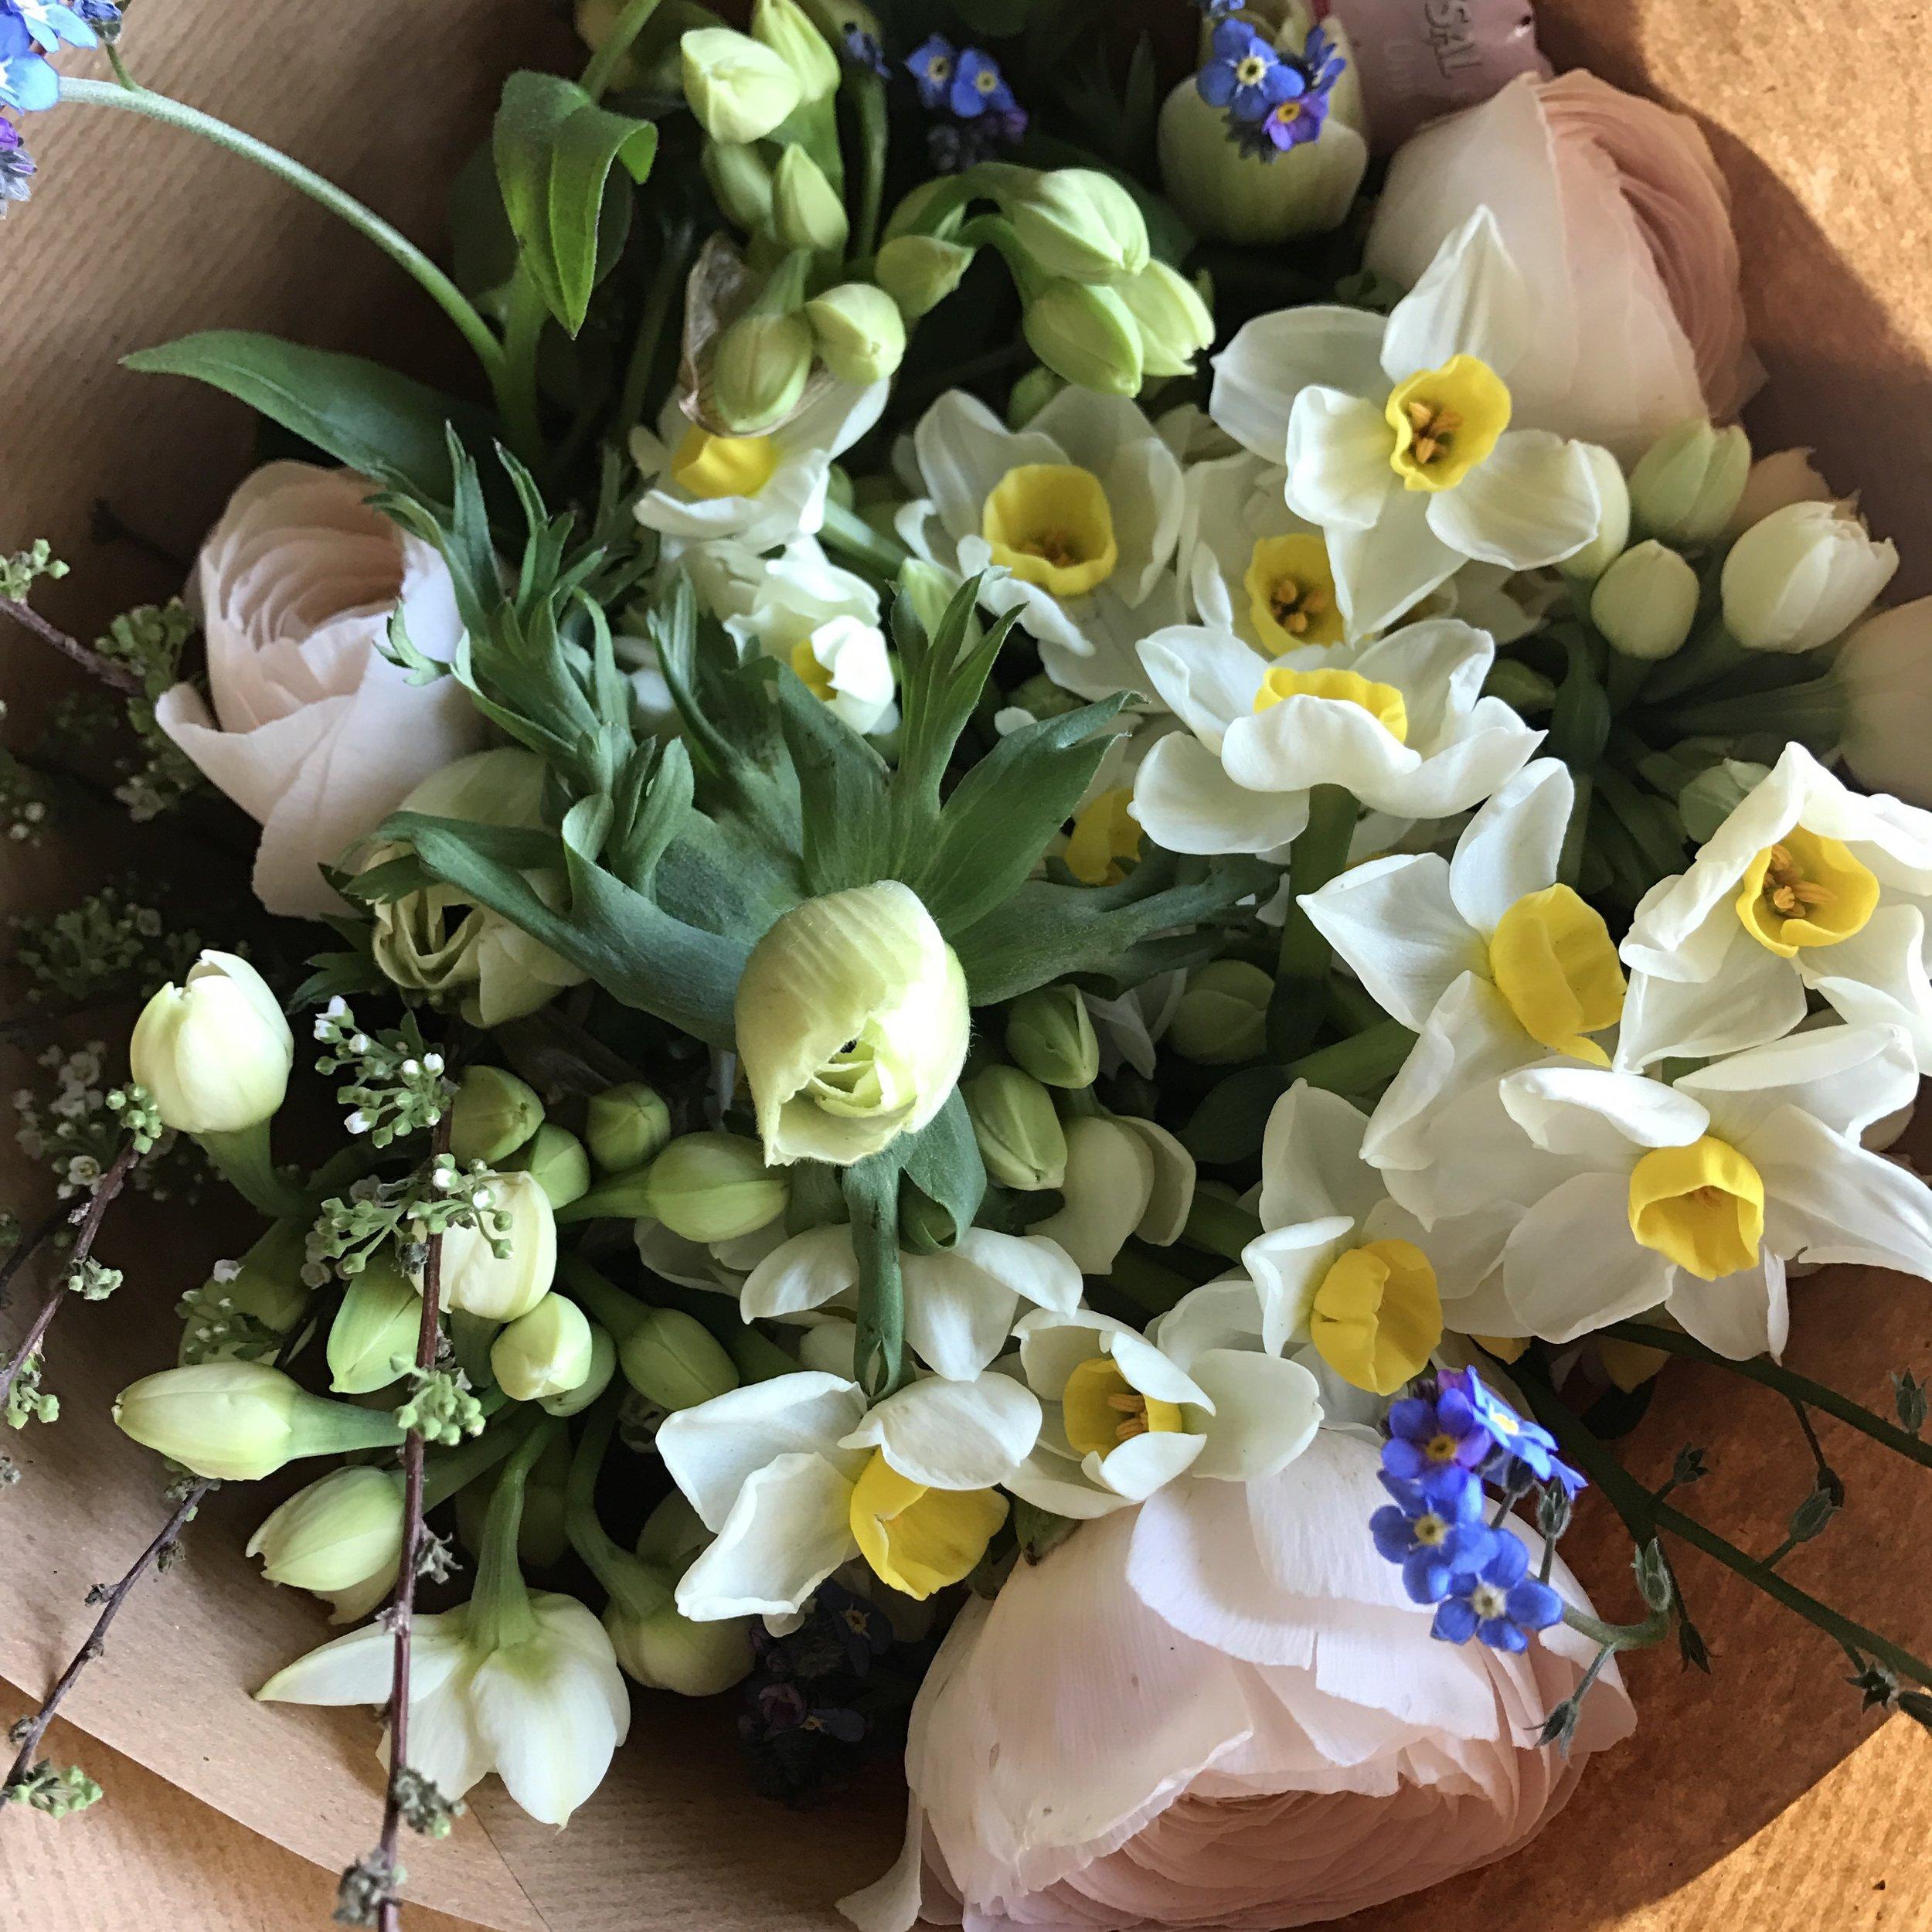 Scented narcissi, ranunculus, anemones